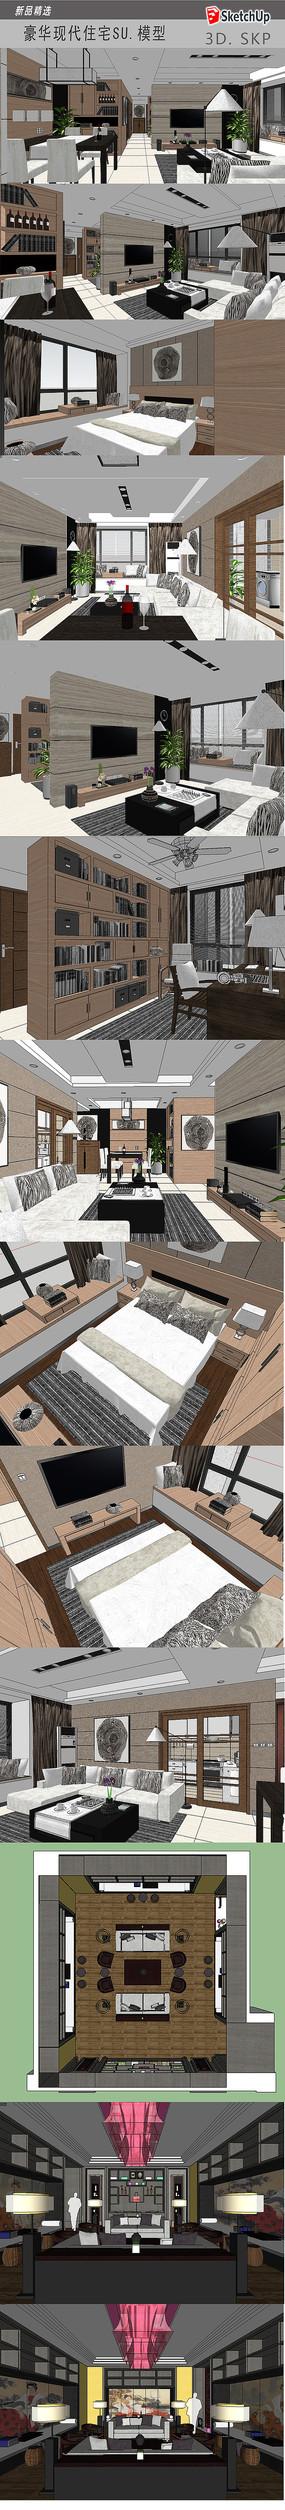 现代家居装饰设计